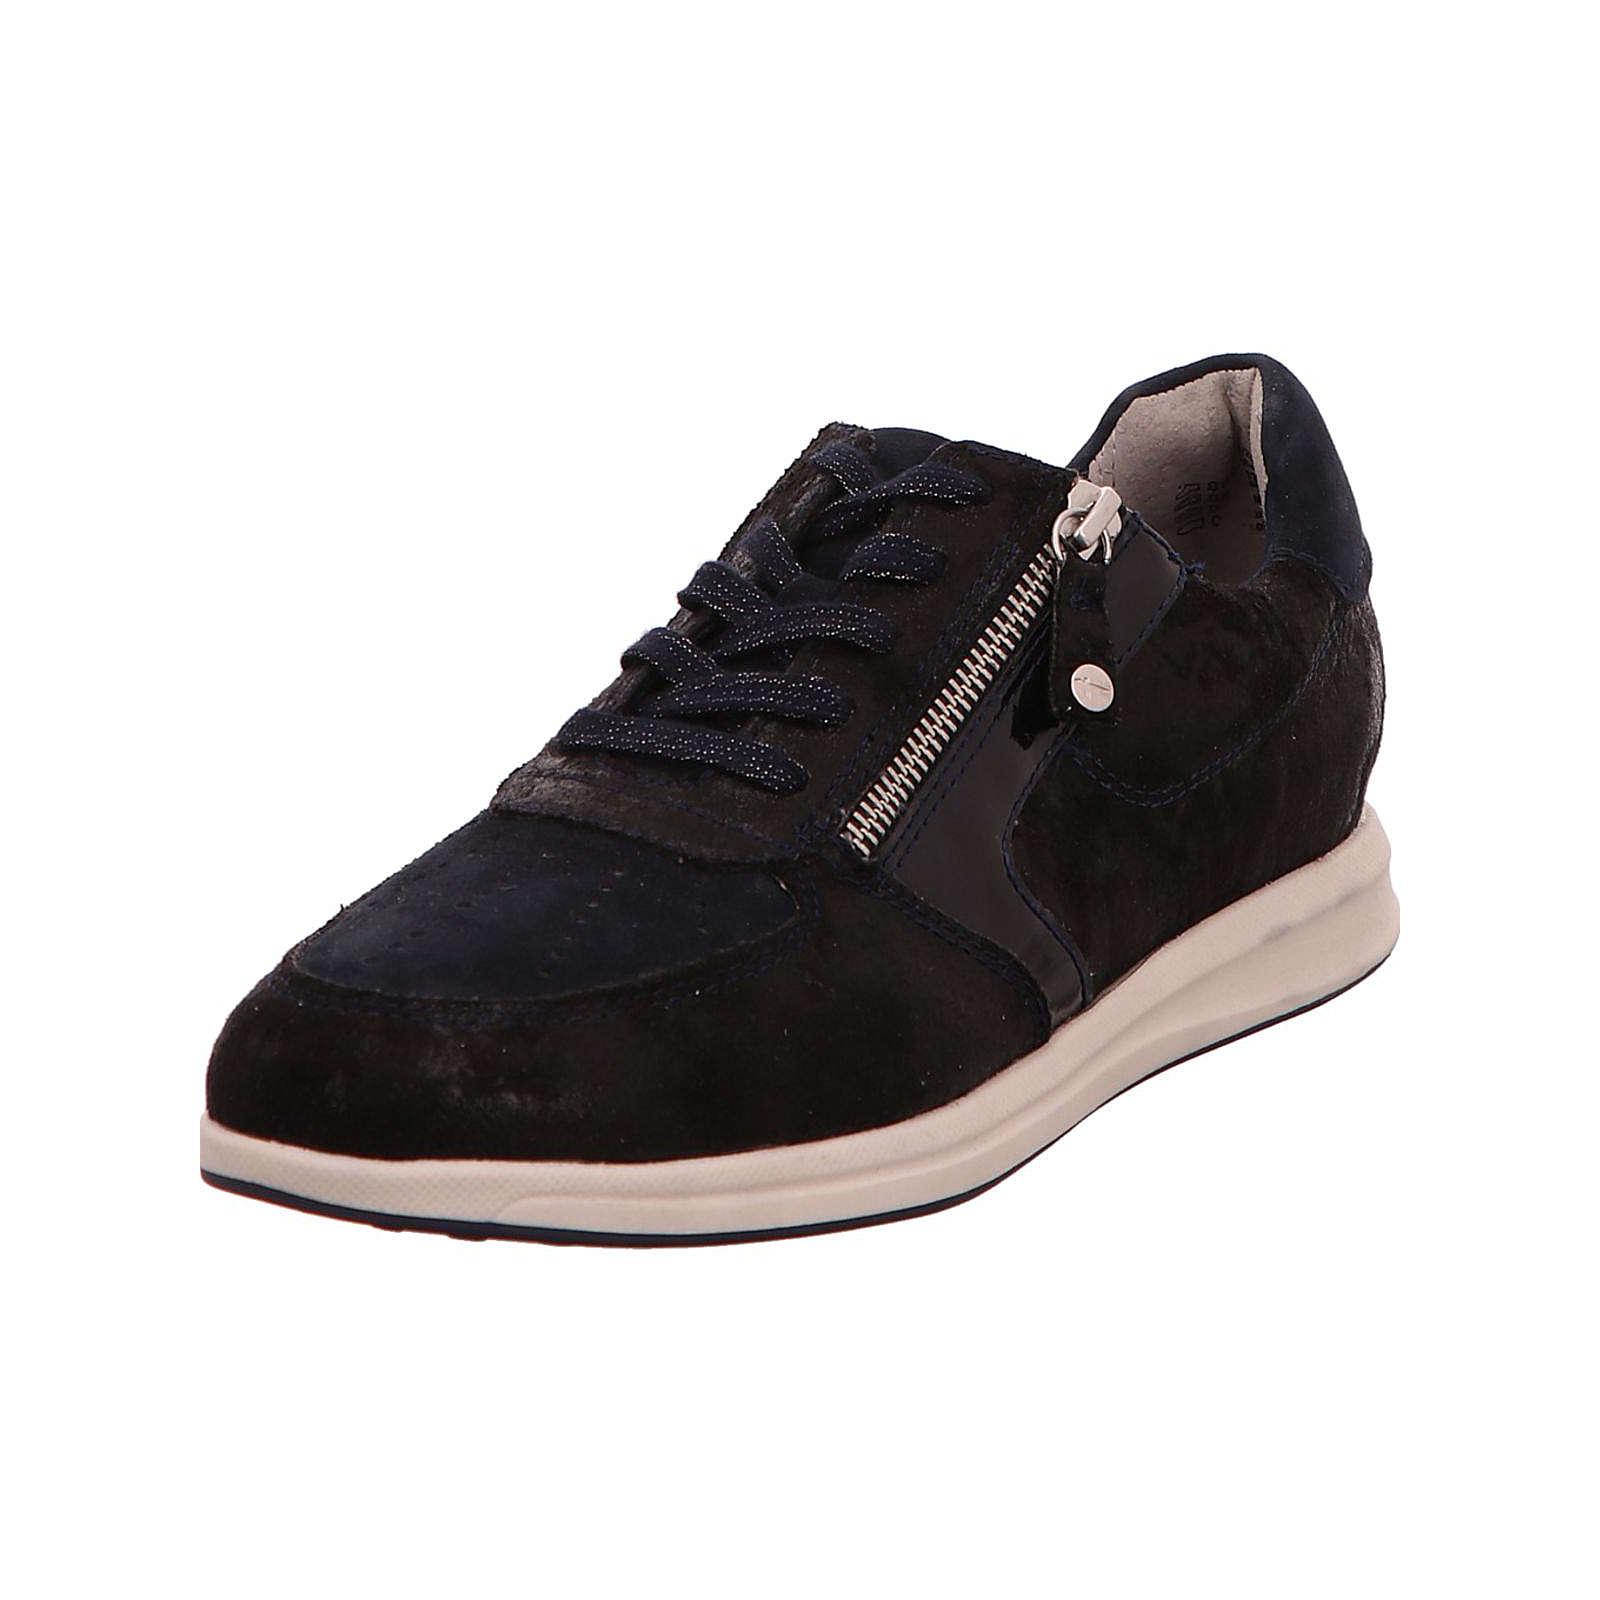 Tamaris Sneakers blau blau Damen Gr. 38